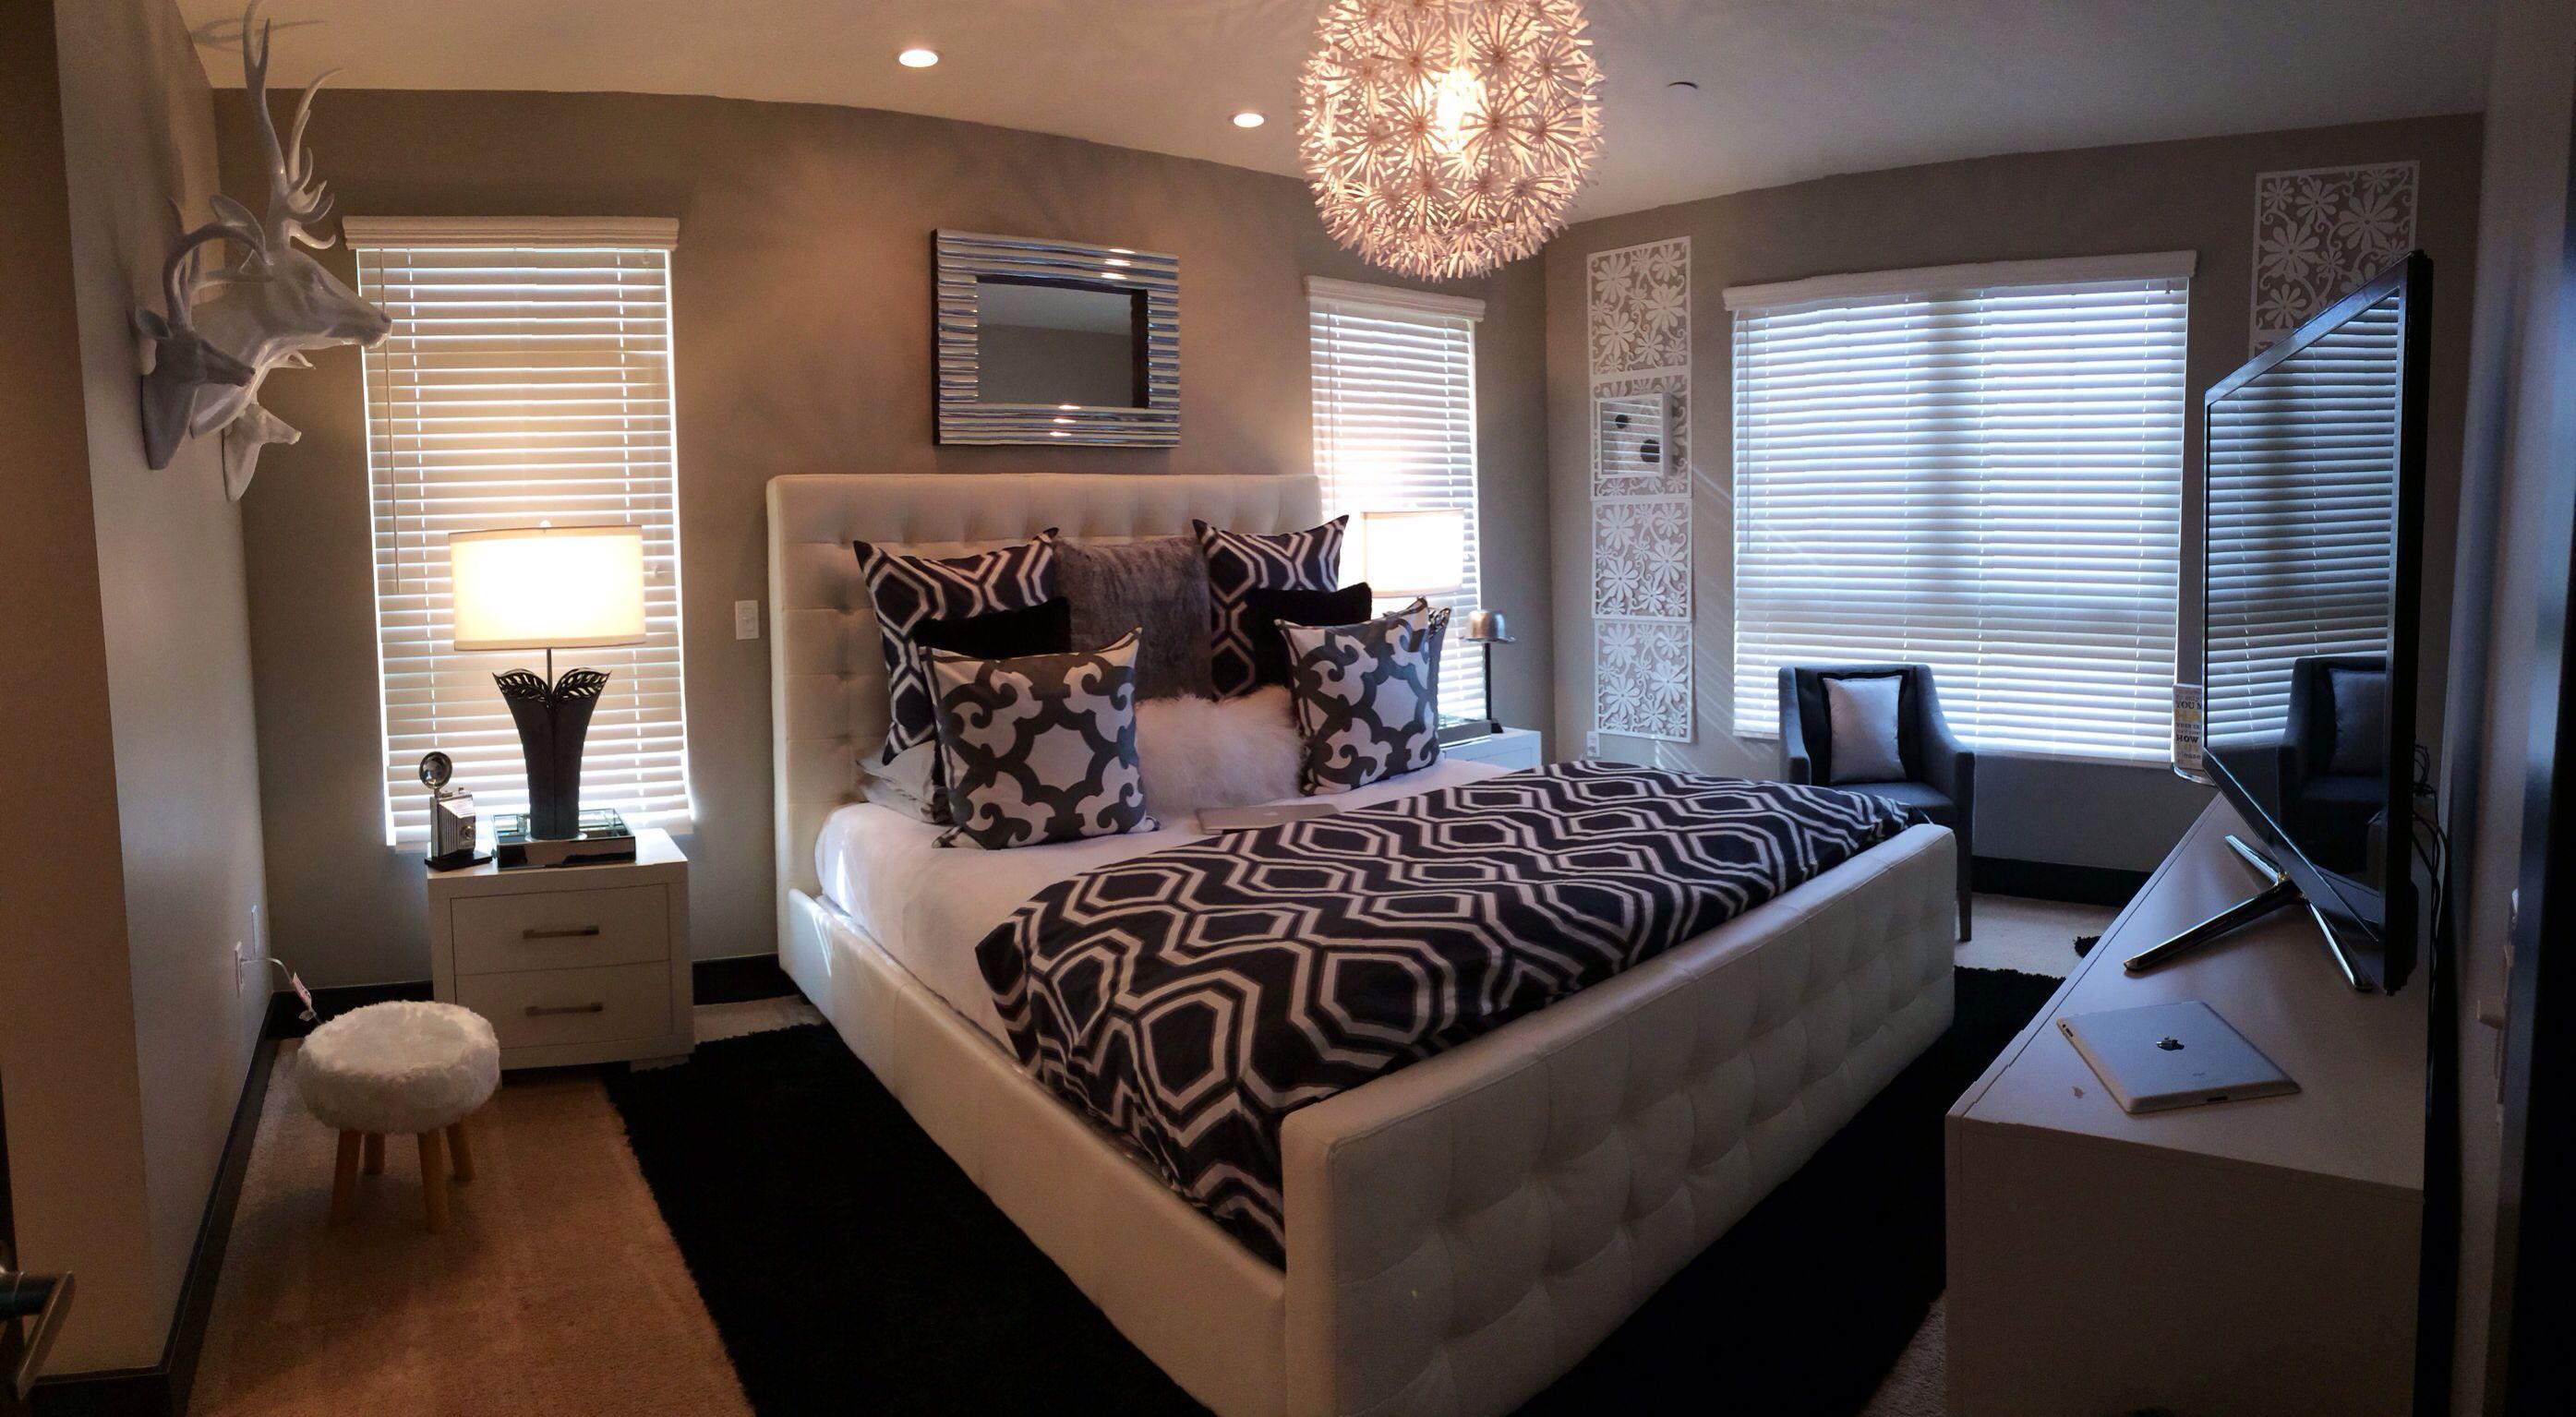 Z Gallerie bedroom. Modern,white gray, fur! Home envy